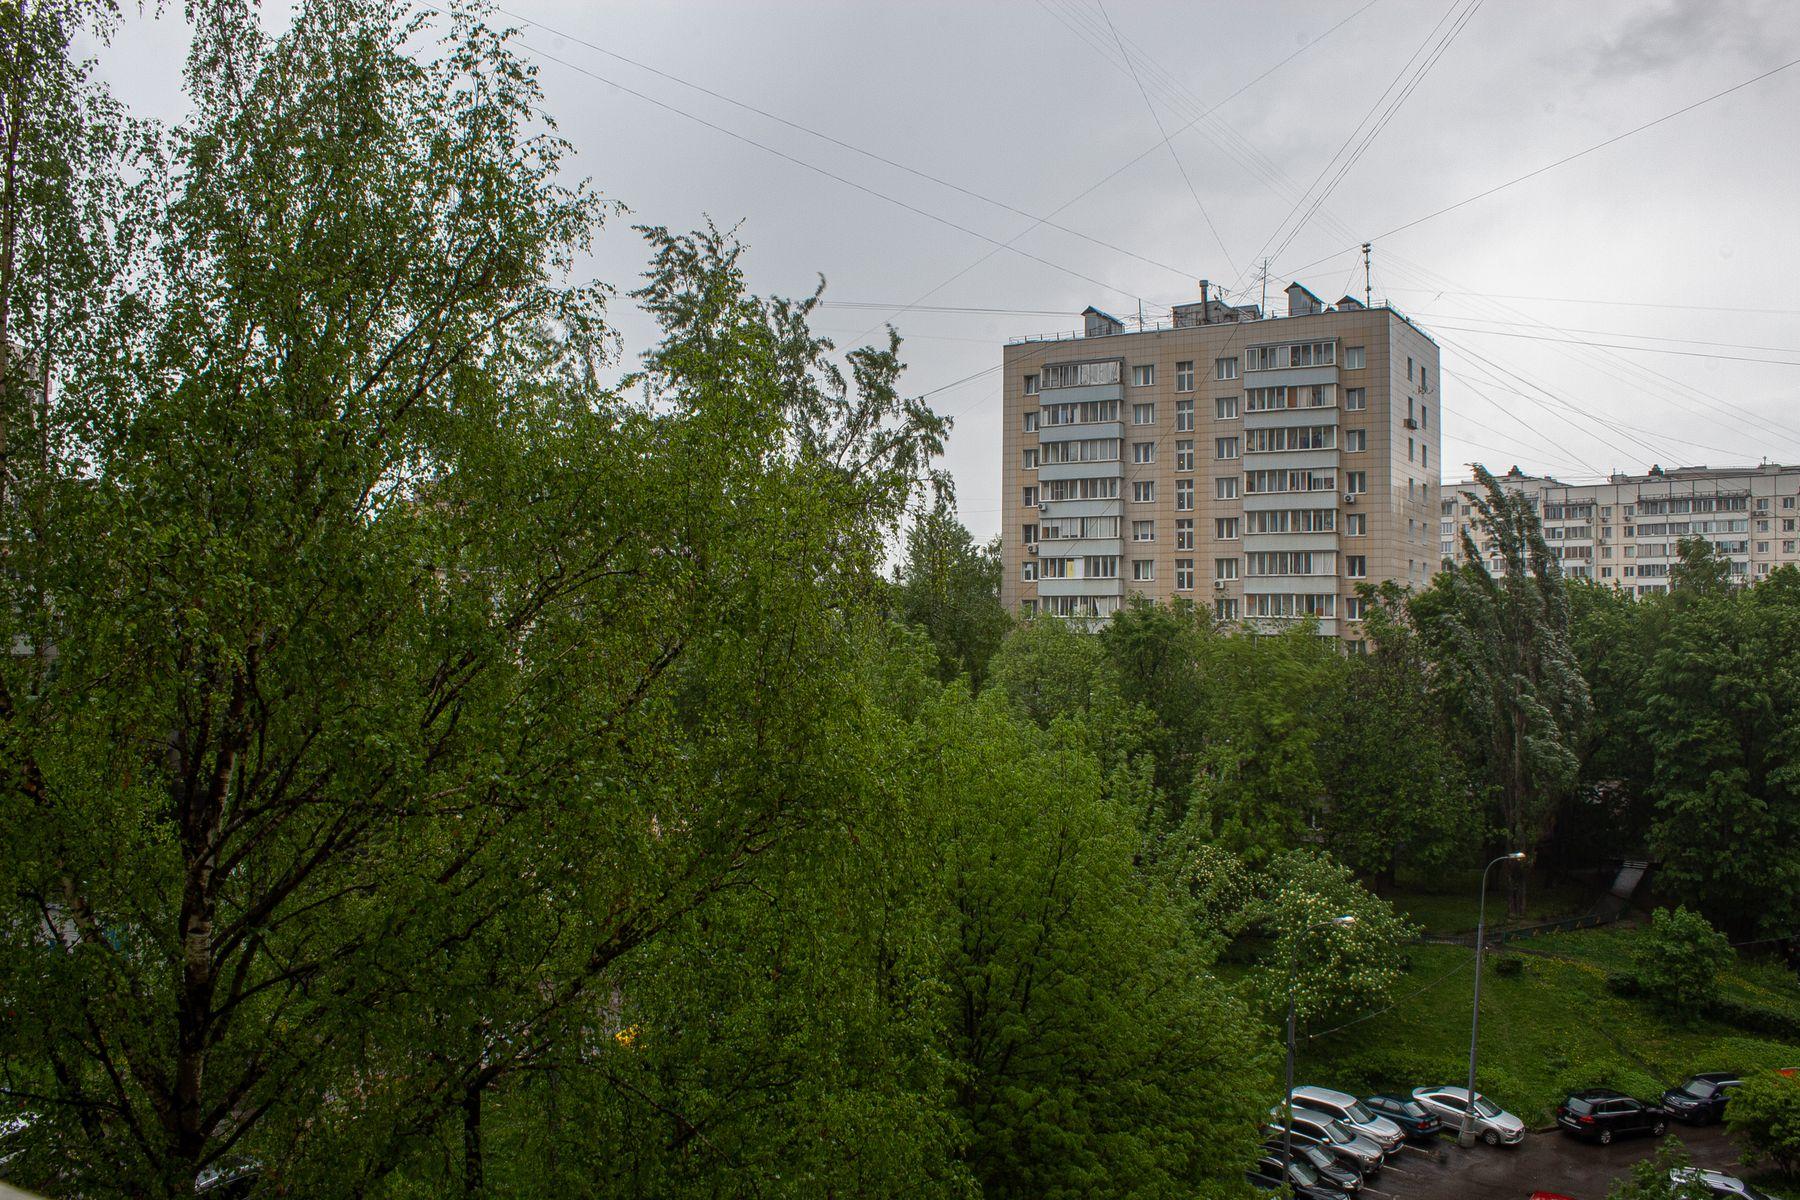 Дождь деревья двор дома дождь мокро зелень